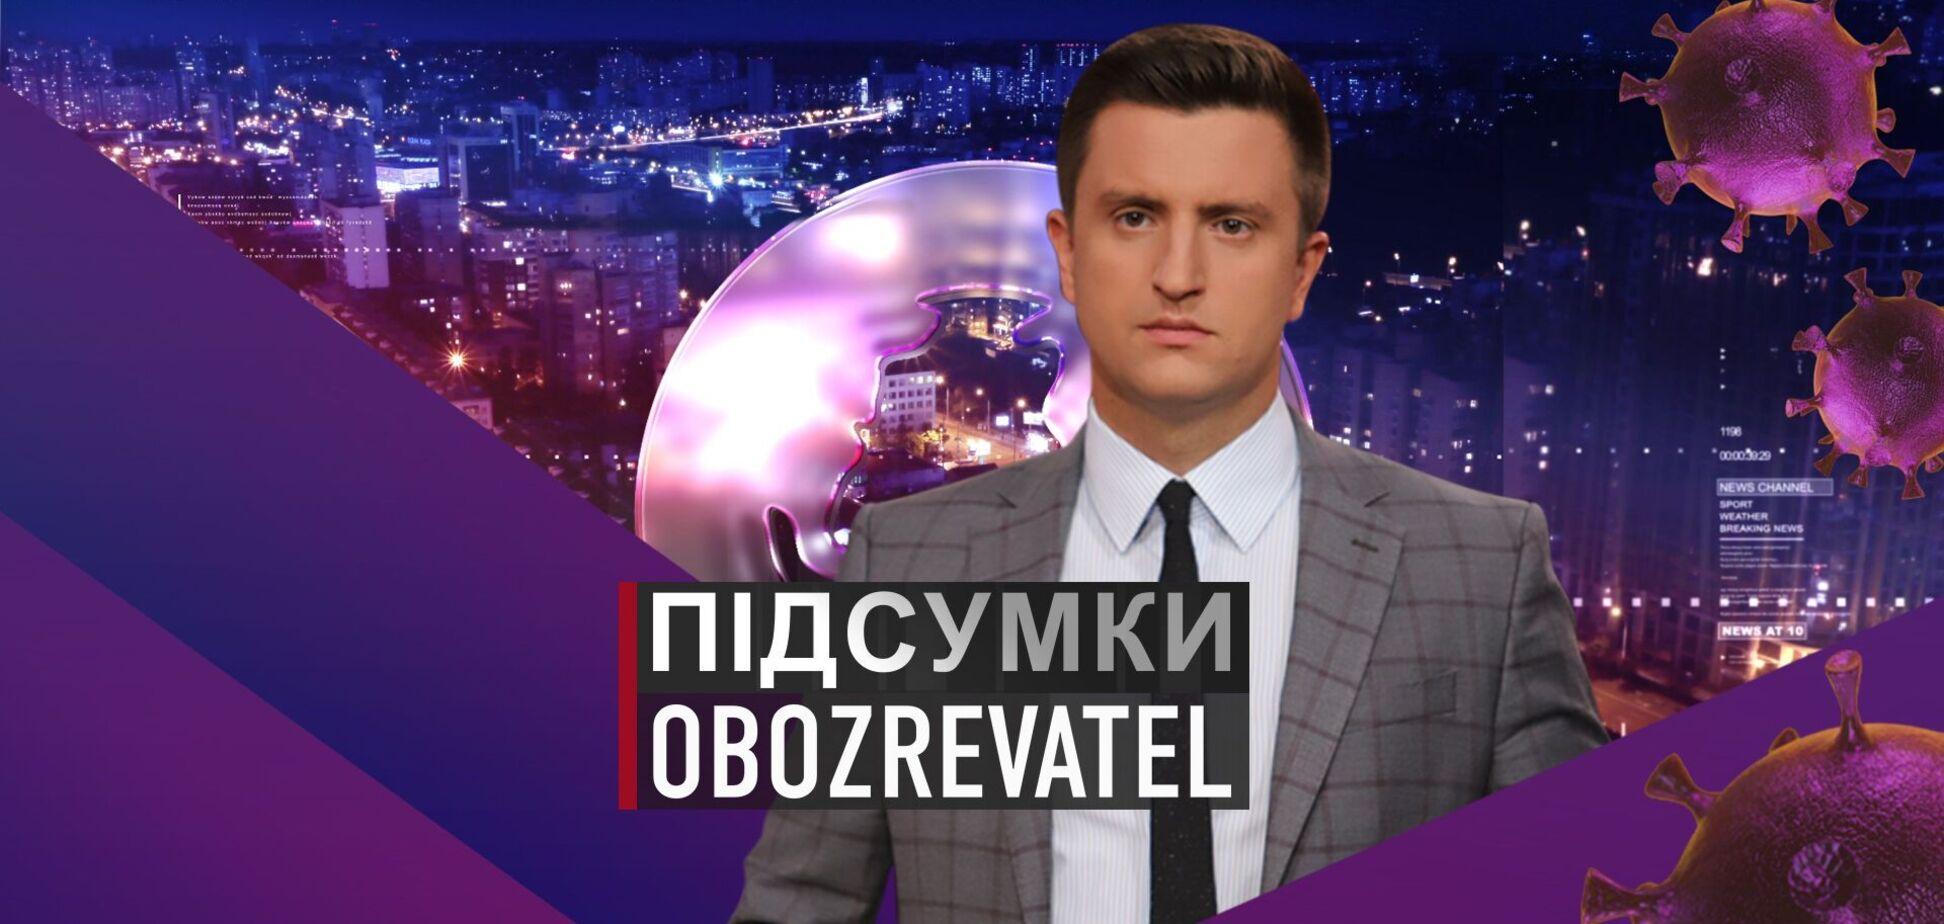 Підсумки с Вадимом Колодийчуком. Понедельник, 12 апреля